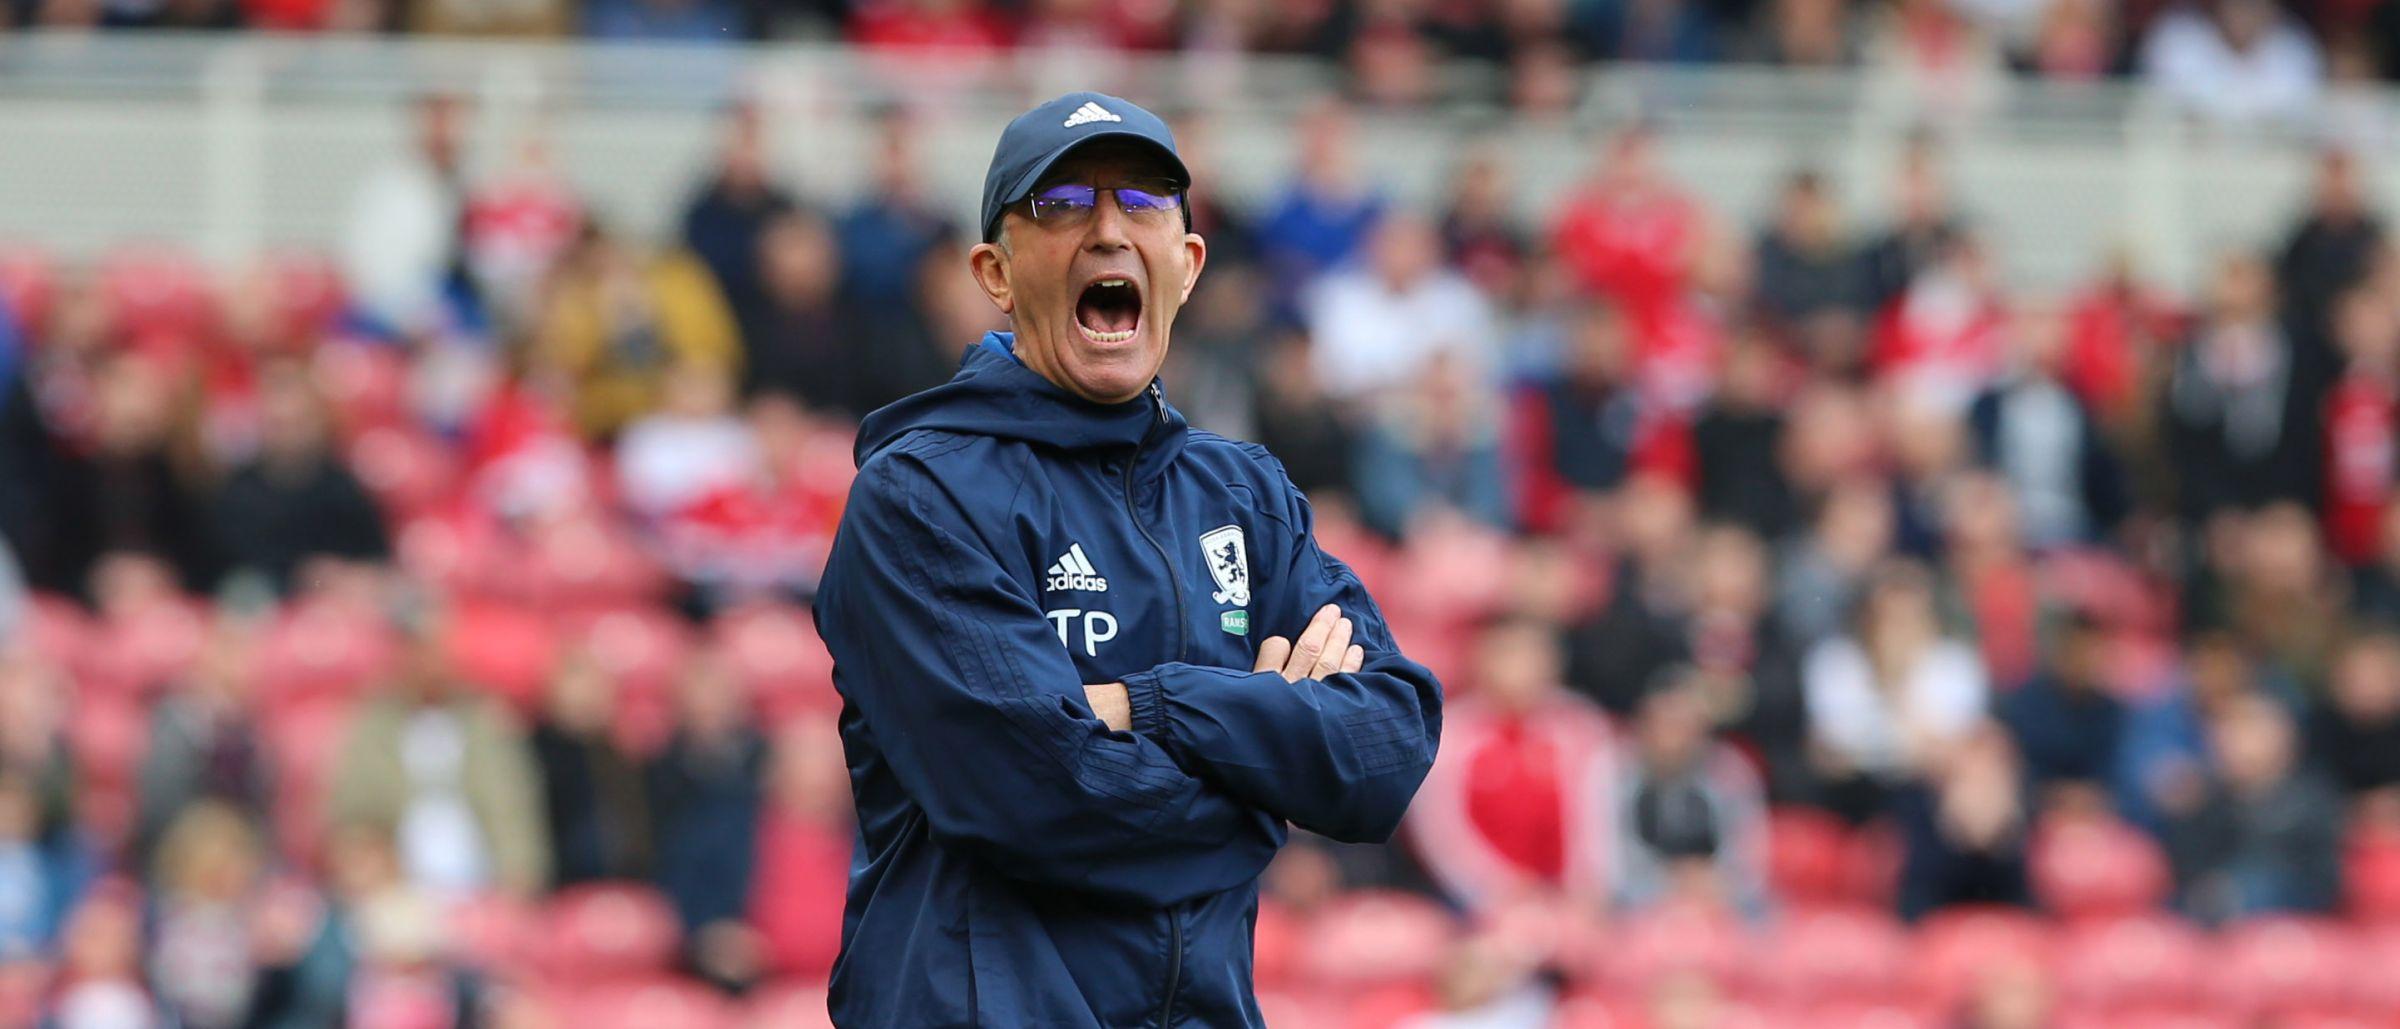 'Ipswich v Boro - Tony Pulis Pre-Match Press Conference'